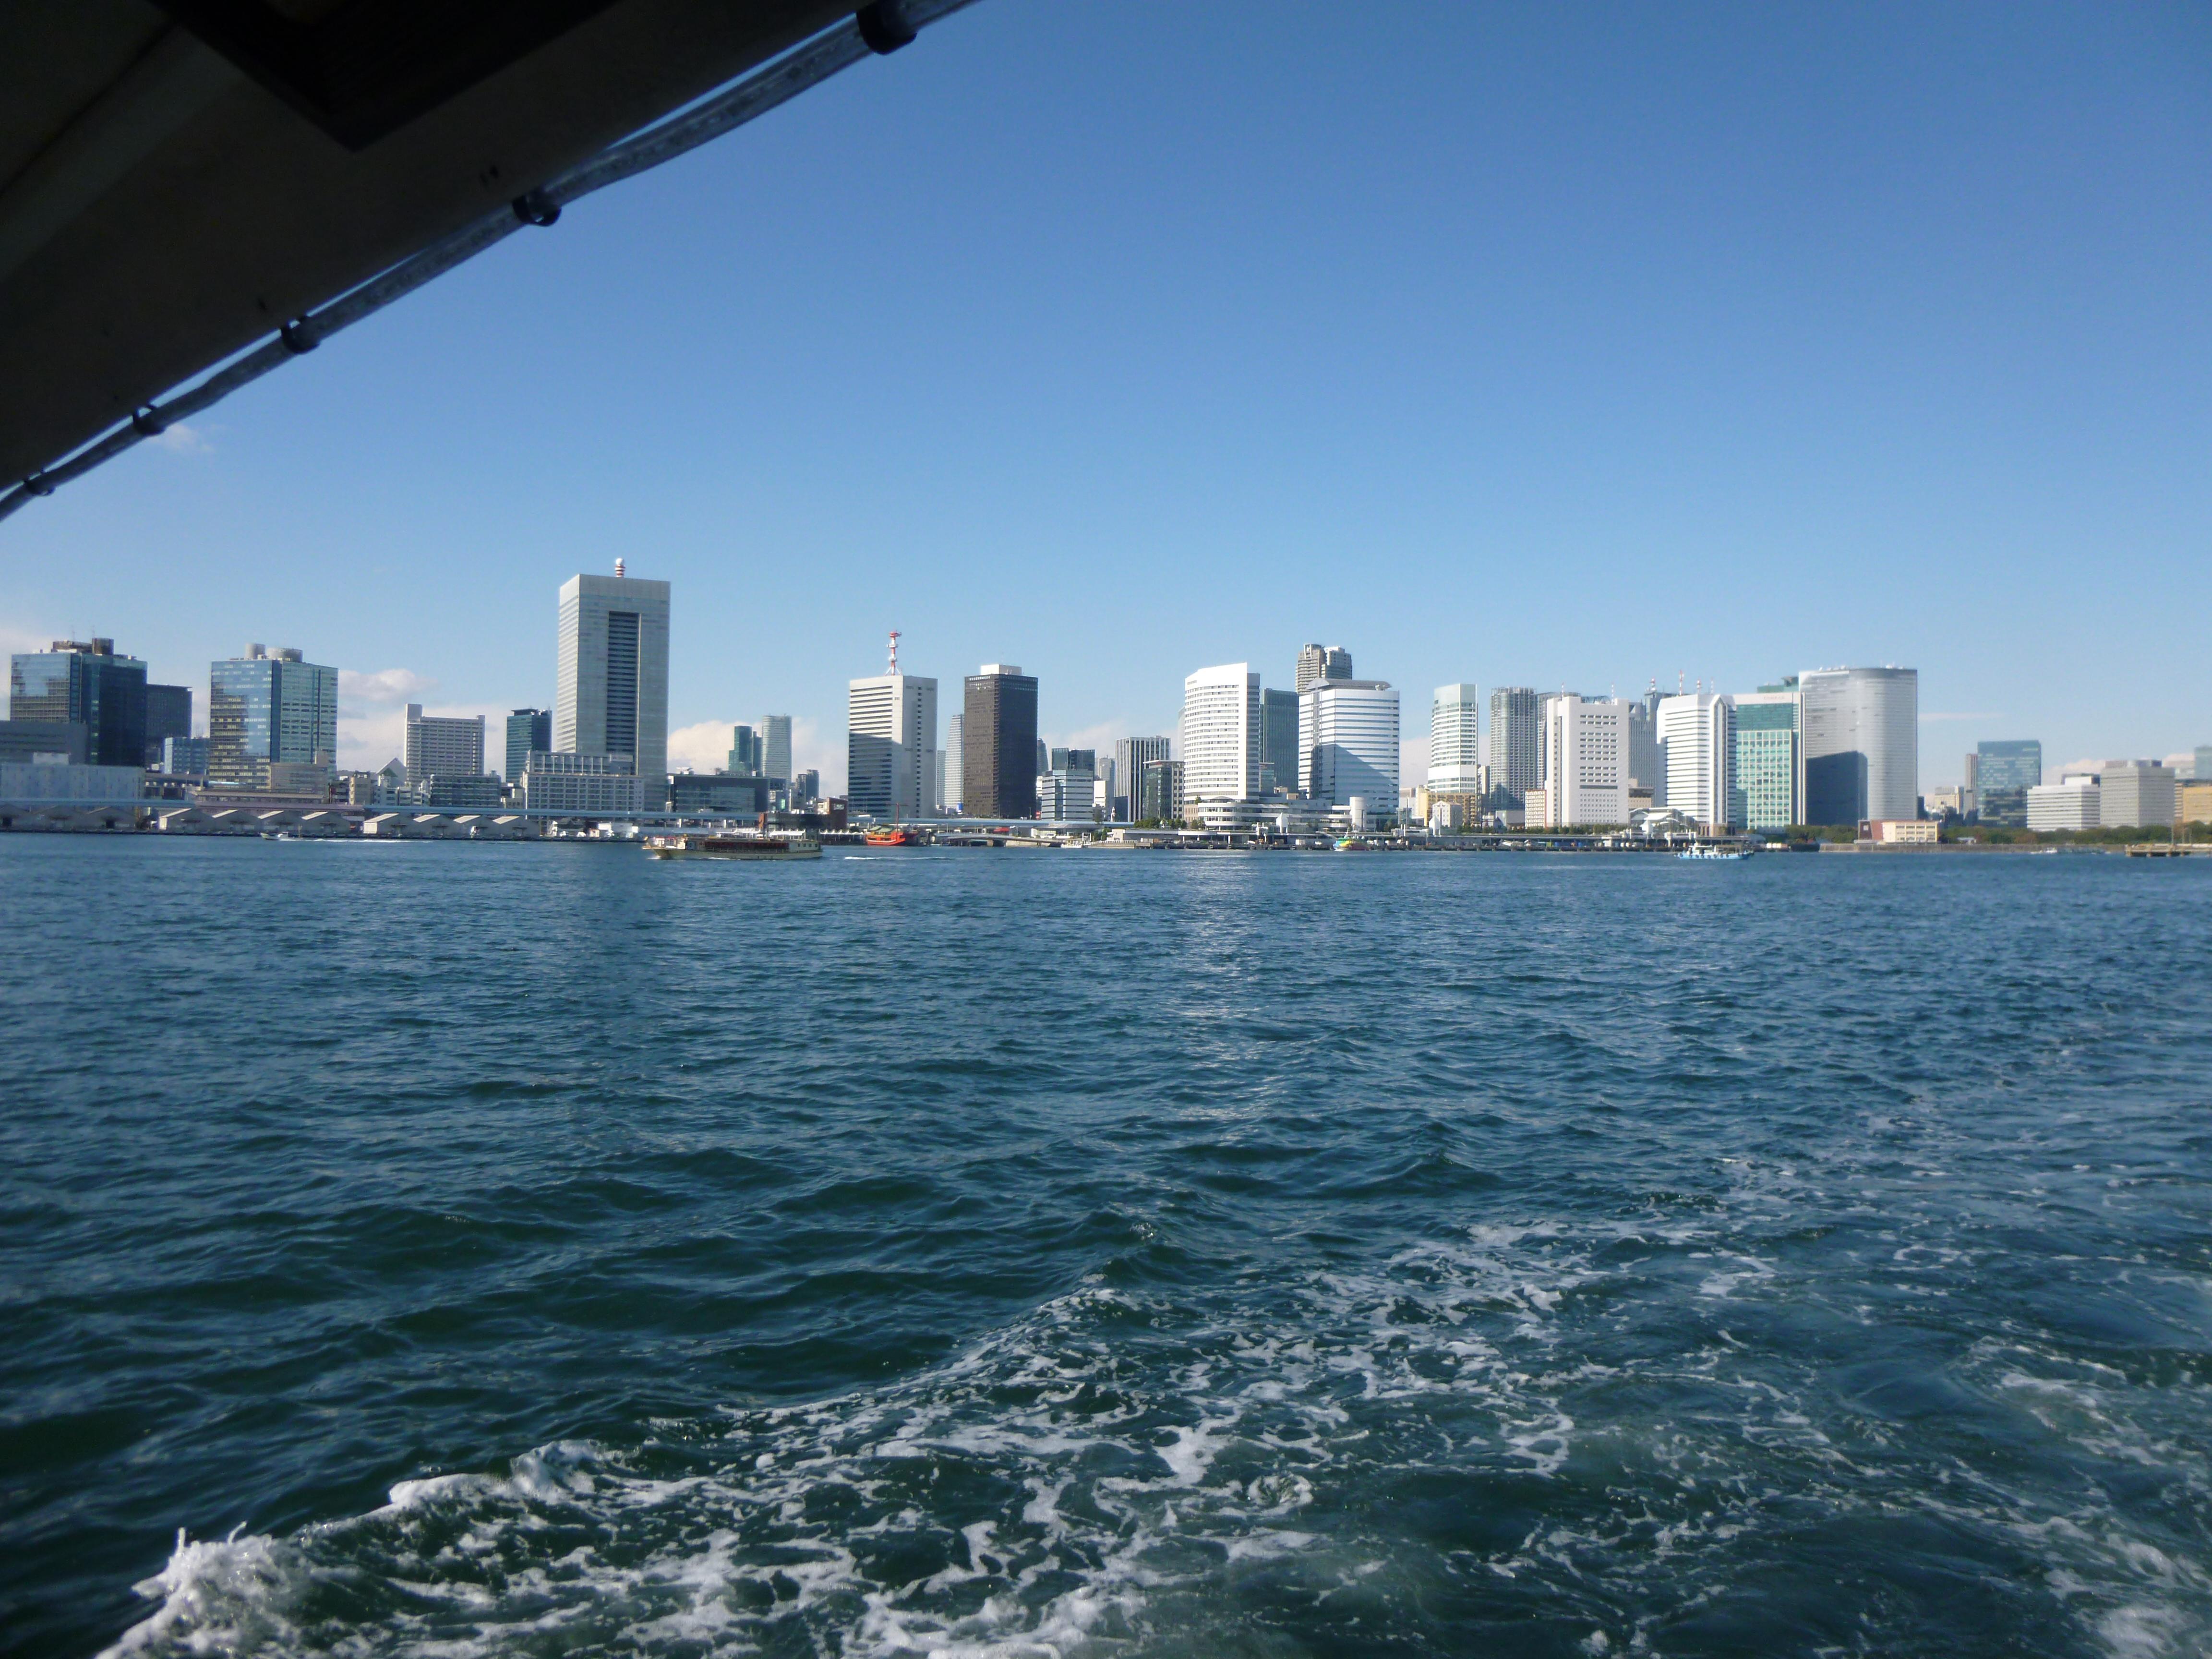 クルーザーから見える海と建物の景色